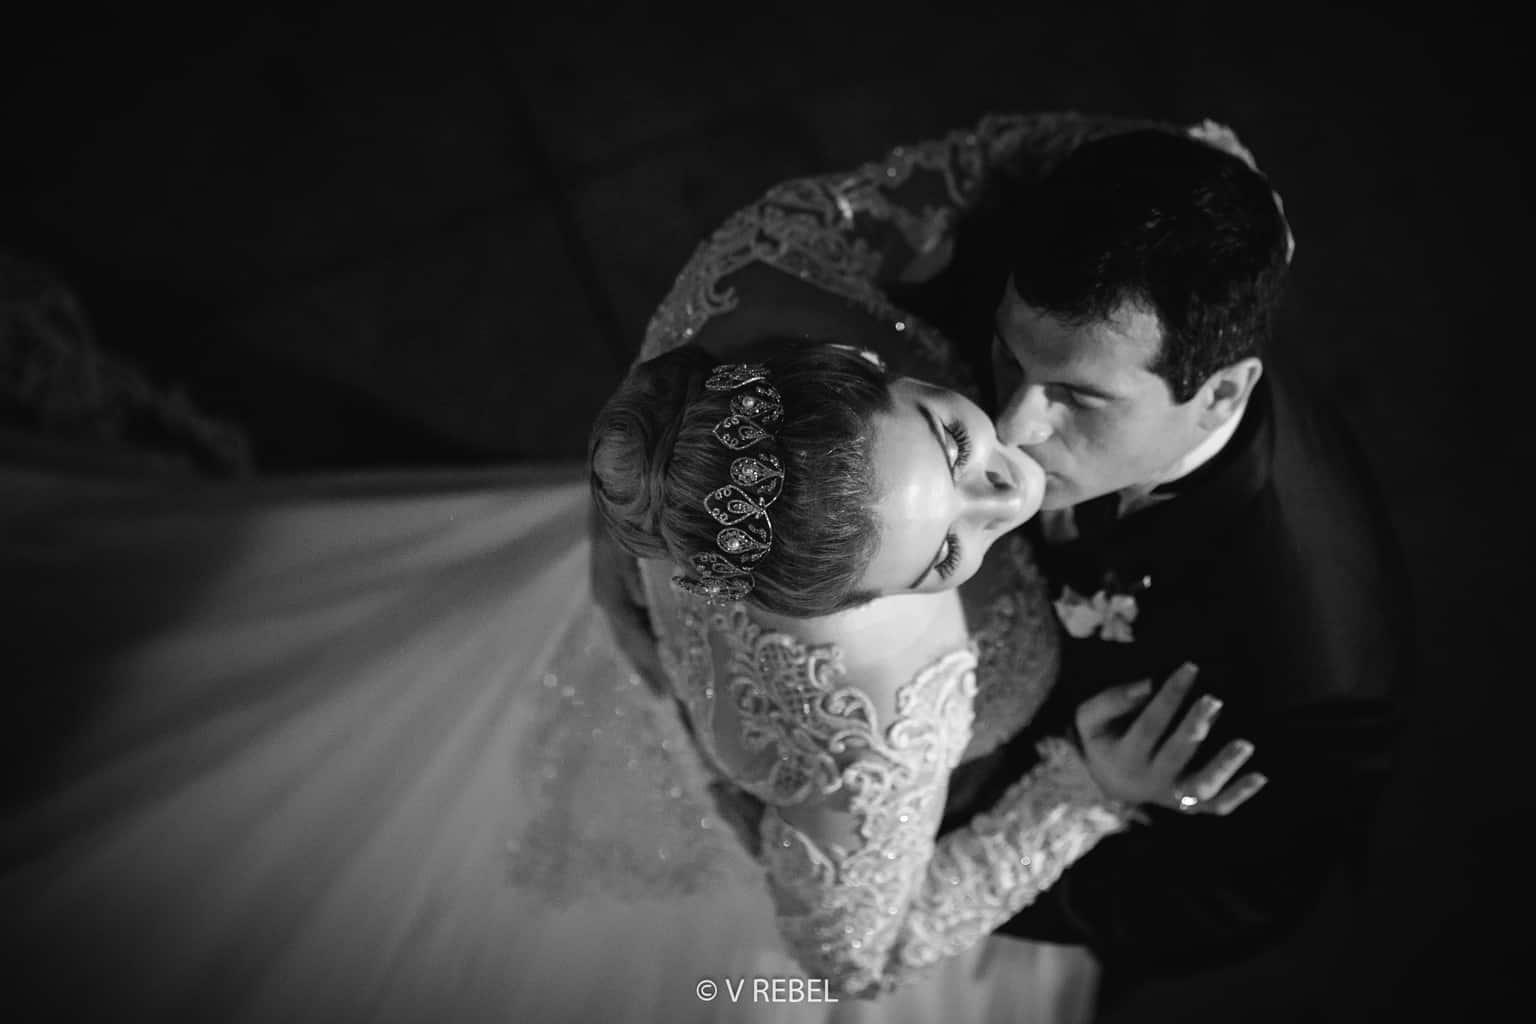 casamento-Caroline-e-Breno-casamento-clássico-foto-do-casal-fotografia-VRebel72